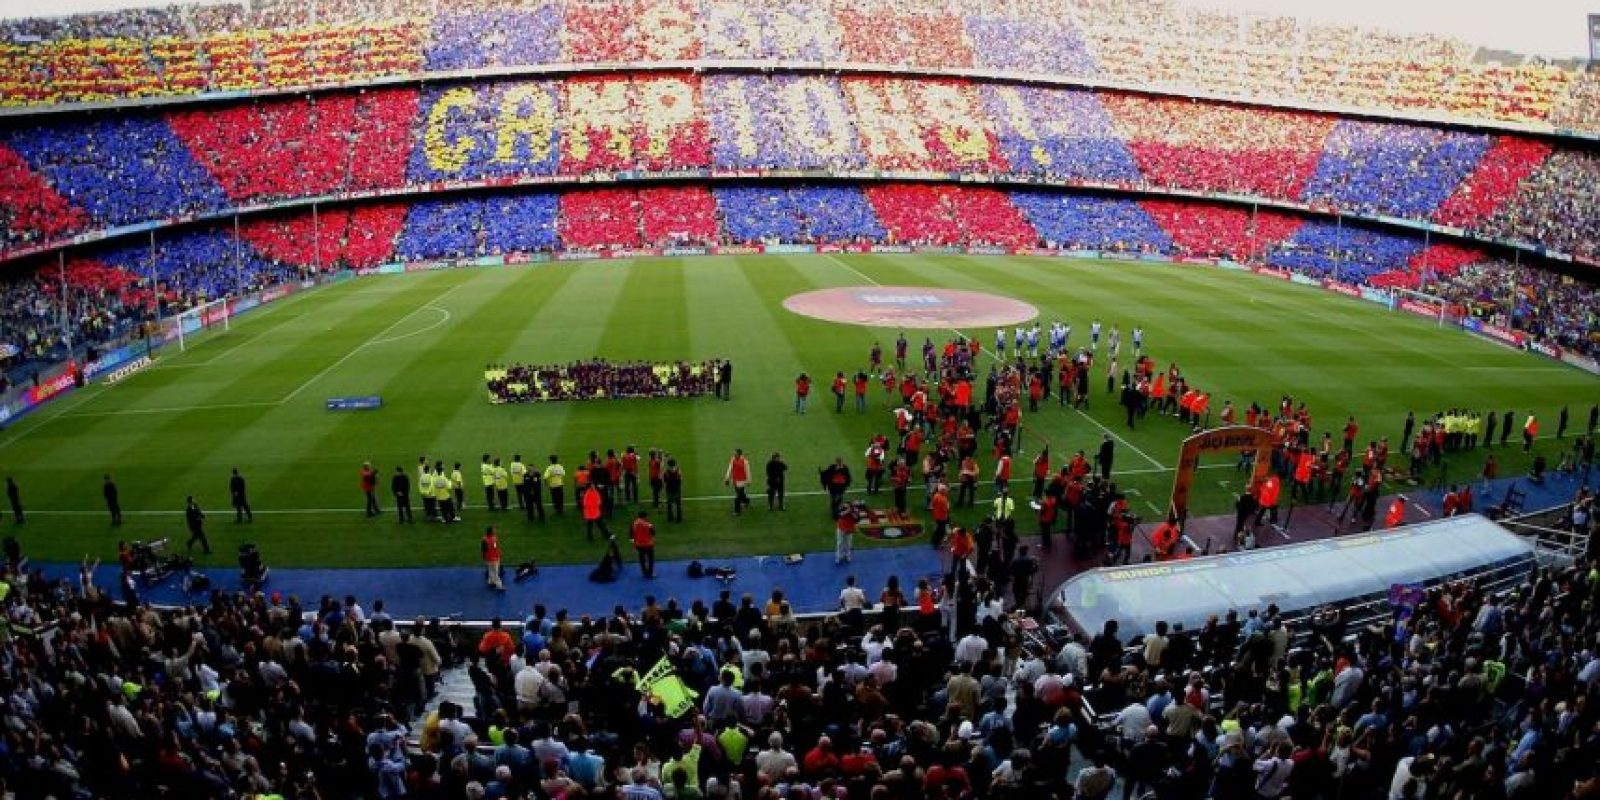 El Camp Nou será la sede de un nuevo enfrentamiento entre Barcelona y Real Madrid, pero también las dos delanteras más letales del mundo medirán fuerzas: MSN vs. BBC. Foto:Getty Images